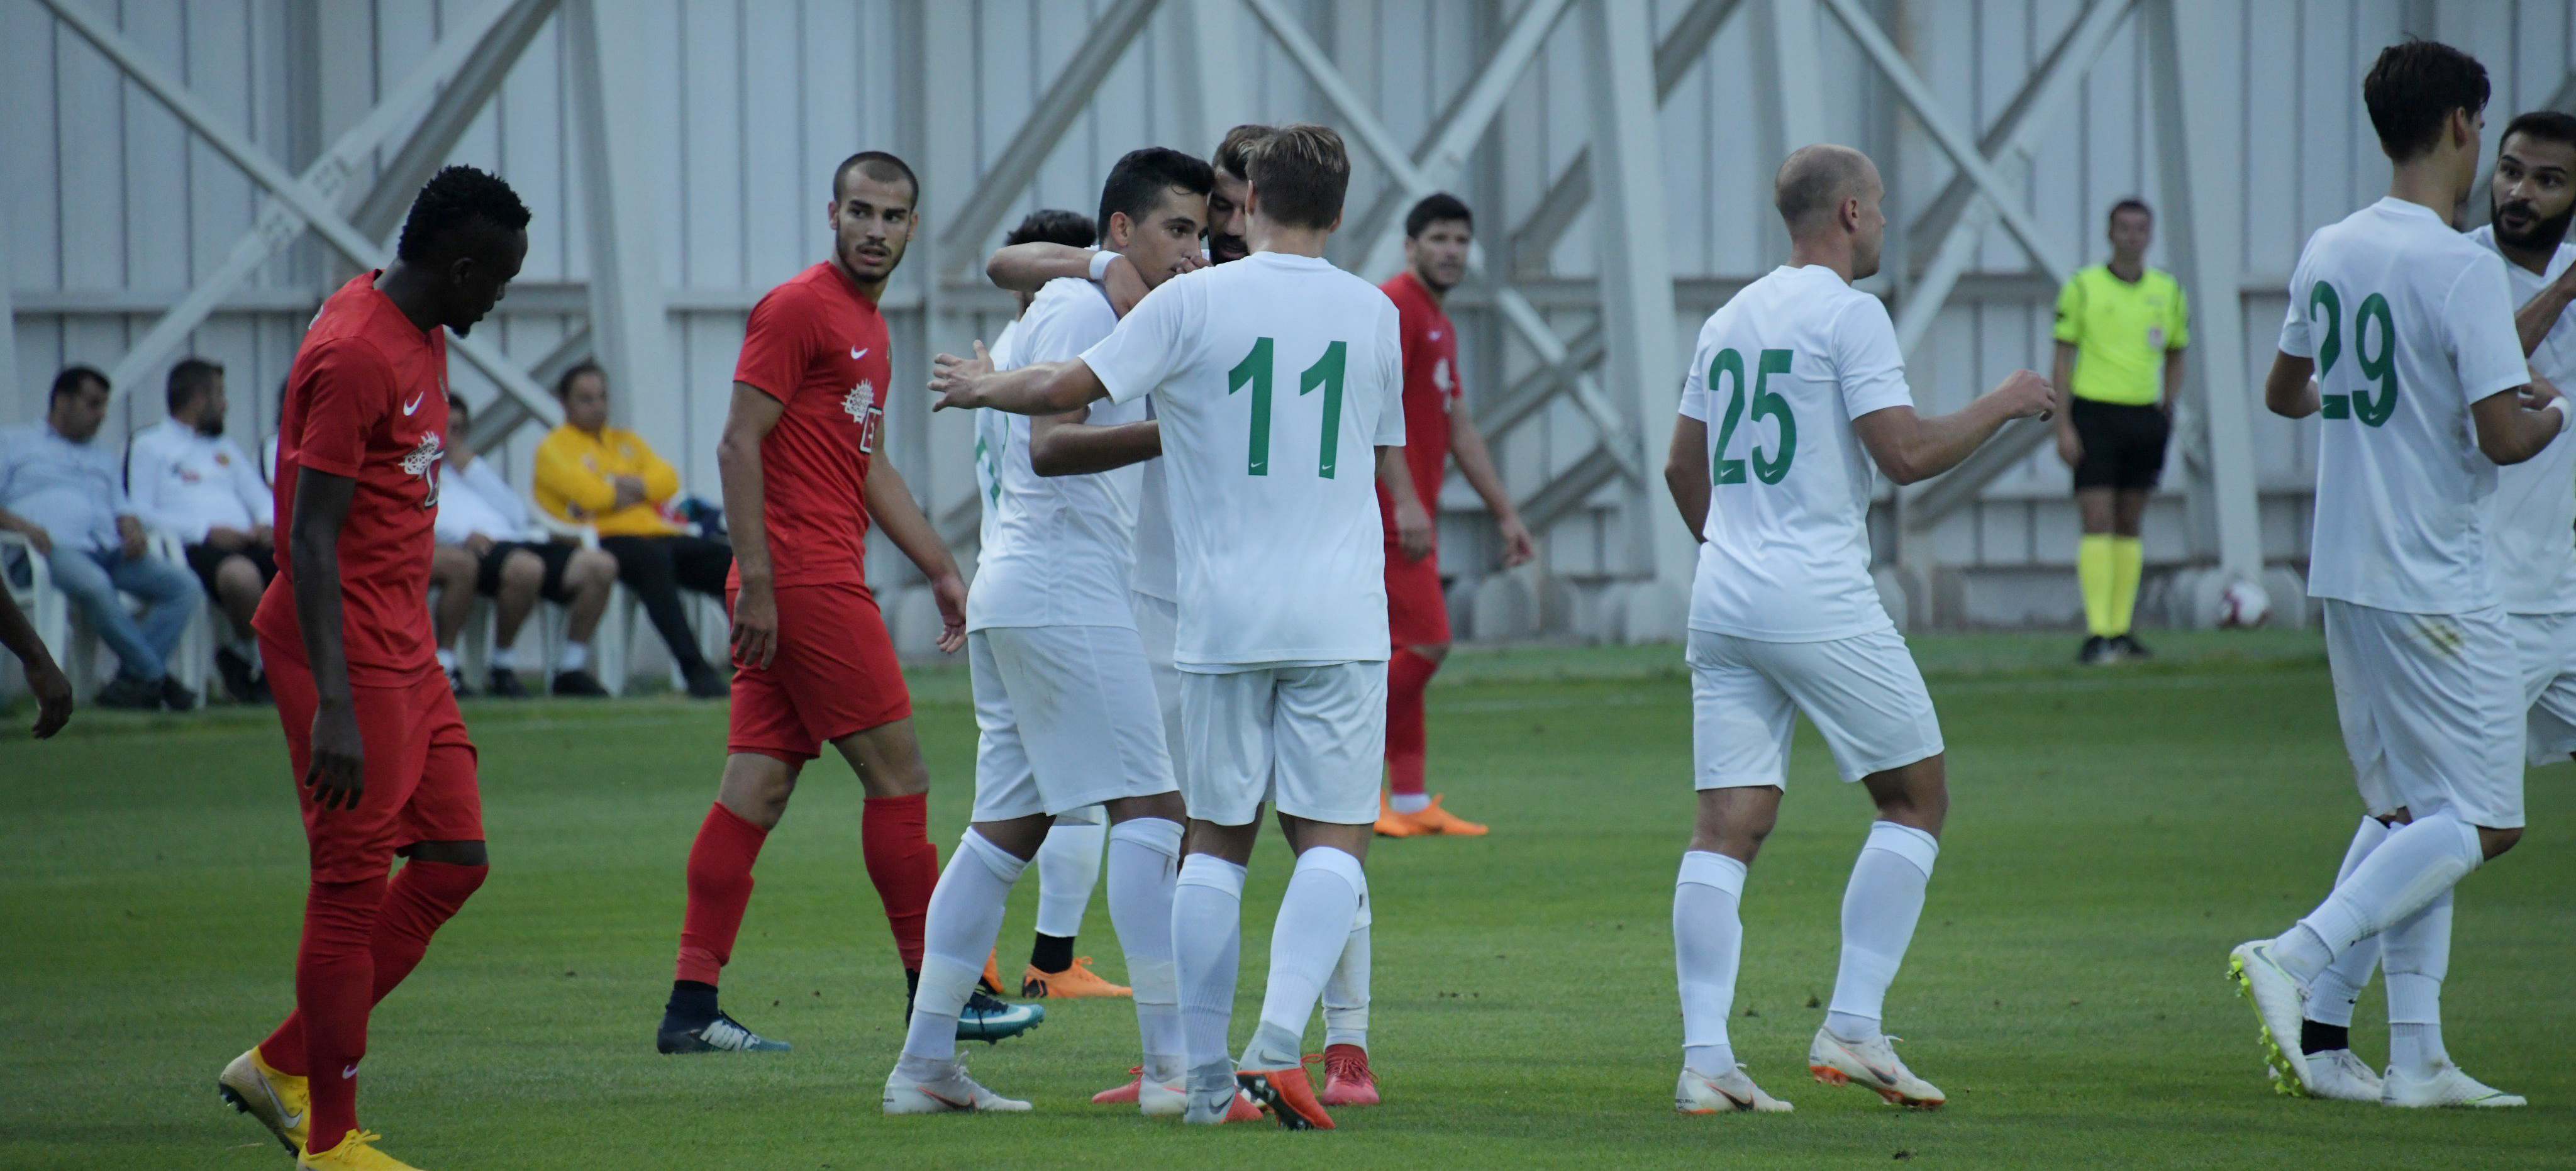 Konyaspor, Eskişehirspor ile karşılaşacak!